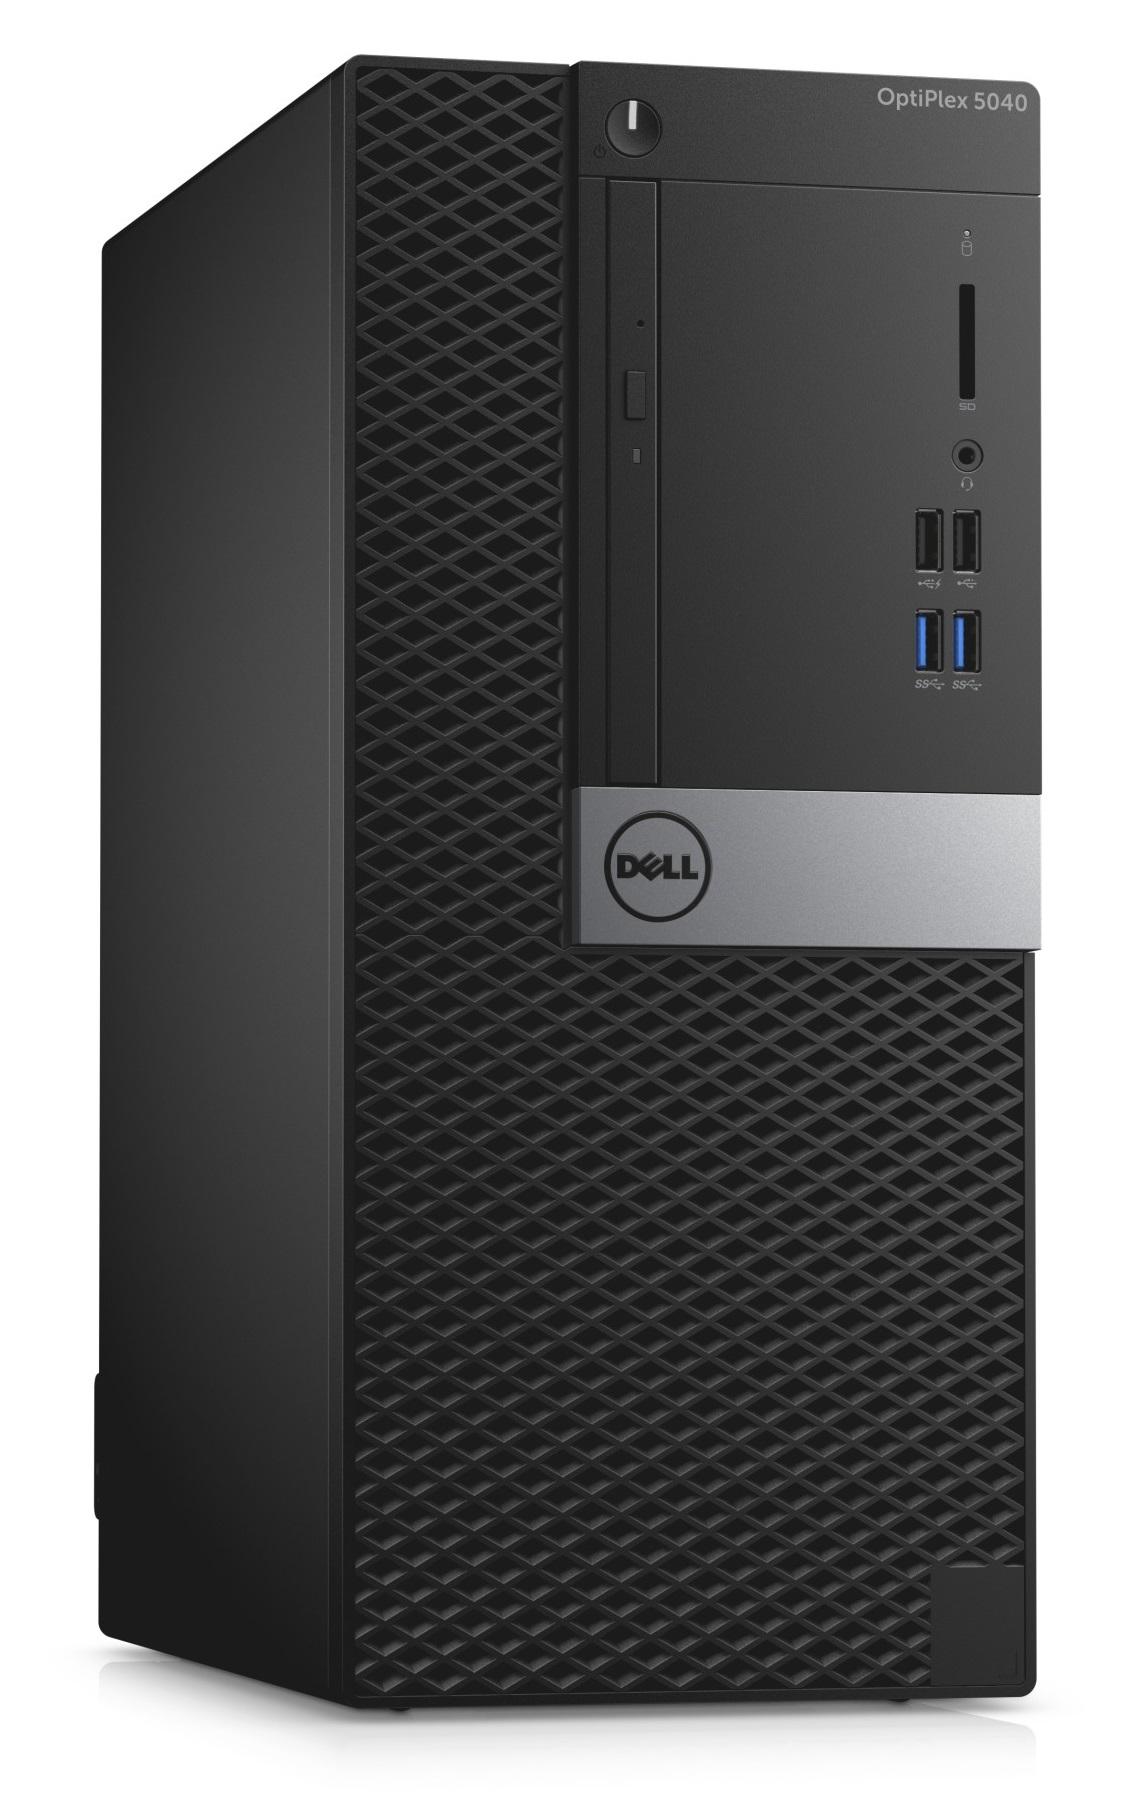 Dell Optiplex 5040M i3-6100/4G/500GB/HD/HDMI/DP/USB/RJ45/DVD-RW/W7P+W10P/3RNBD/Černý